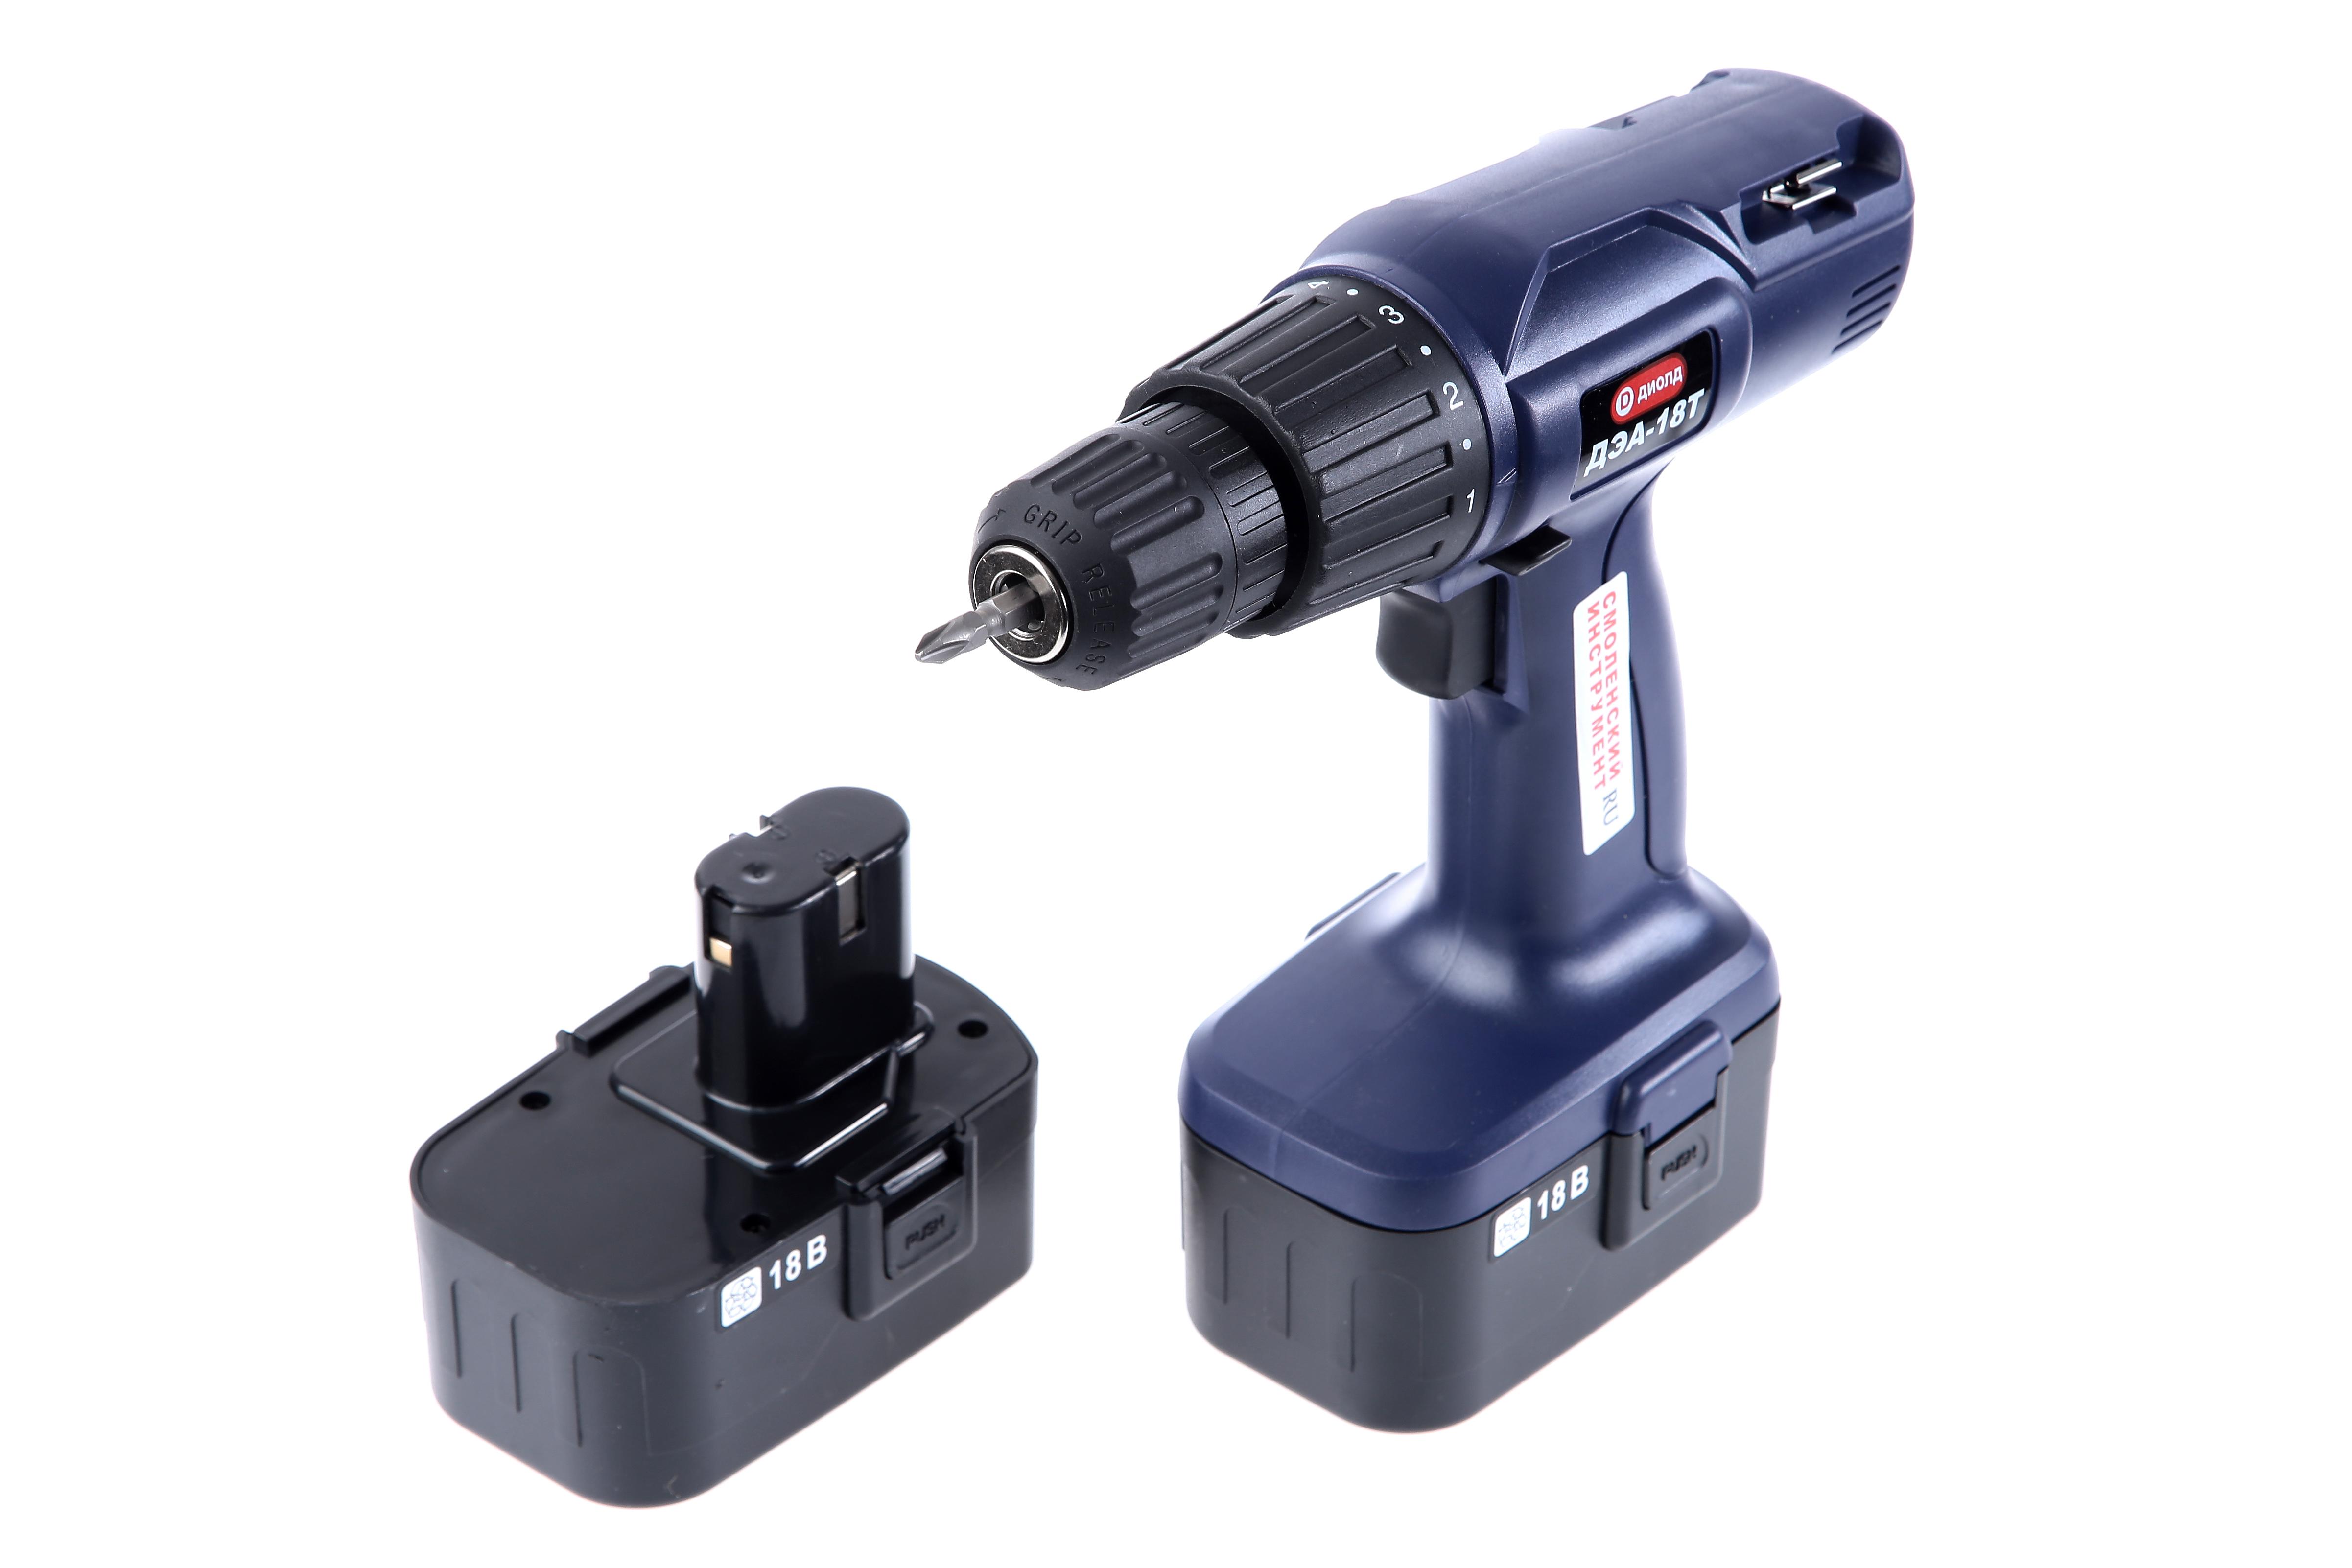 Дрель аккумуляторная ДИОЛДАккумуляторные дрели, шуруповерты<br>Аккумулятор: 18,<br>Емкость аккумулятора: 1.3,<br>Тип аккумулятора: NiCd,<br>Обороты: 0-550,<br>Макс. обороты: 550,<br>Тип: дрель-шуруповерт,<br>Быстрозажимной патрон: есть,<br>Диаметр патрона: 10,<br>Тип патрона: БЗП,<br>Усилие закручивания: 8,<br>Макс. диаметр сверления (металл): 10,<br>Макс. диаметр сверления (дерево): 25,<br>Макс. диаметр шурупа: 6,<br>Электронная регулировка числа оборотов: есть,<br>Время заряда: 3,<br>Поставляется в: кейсе<br>